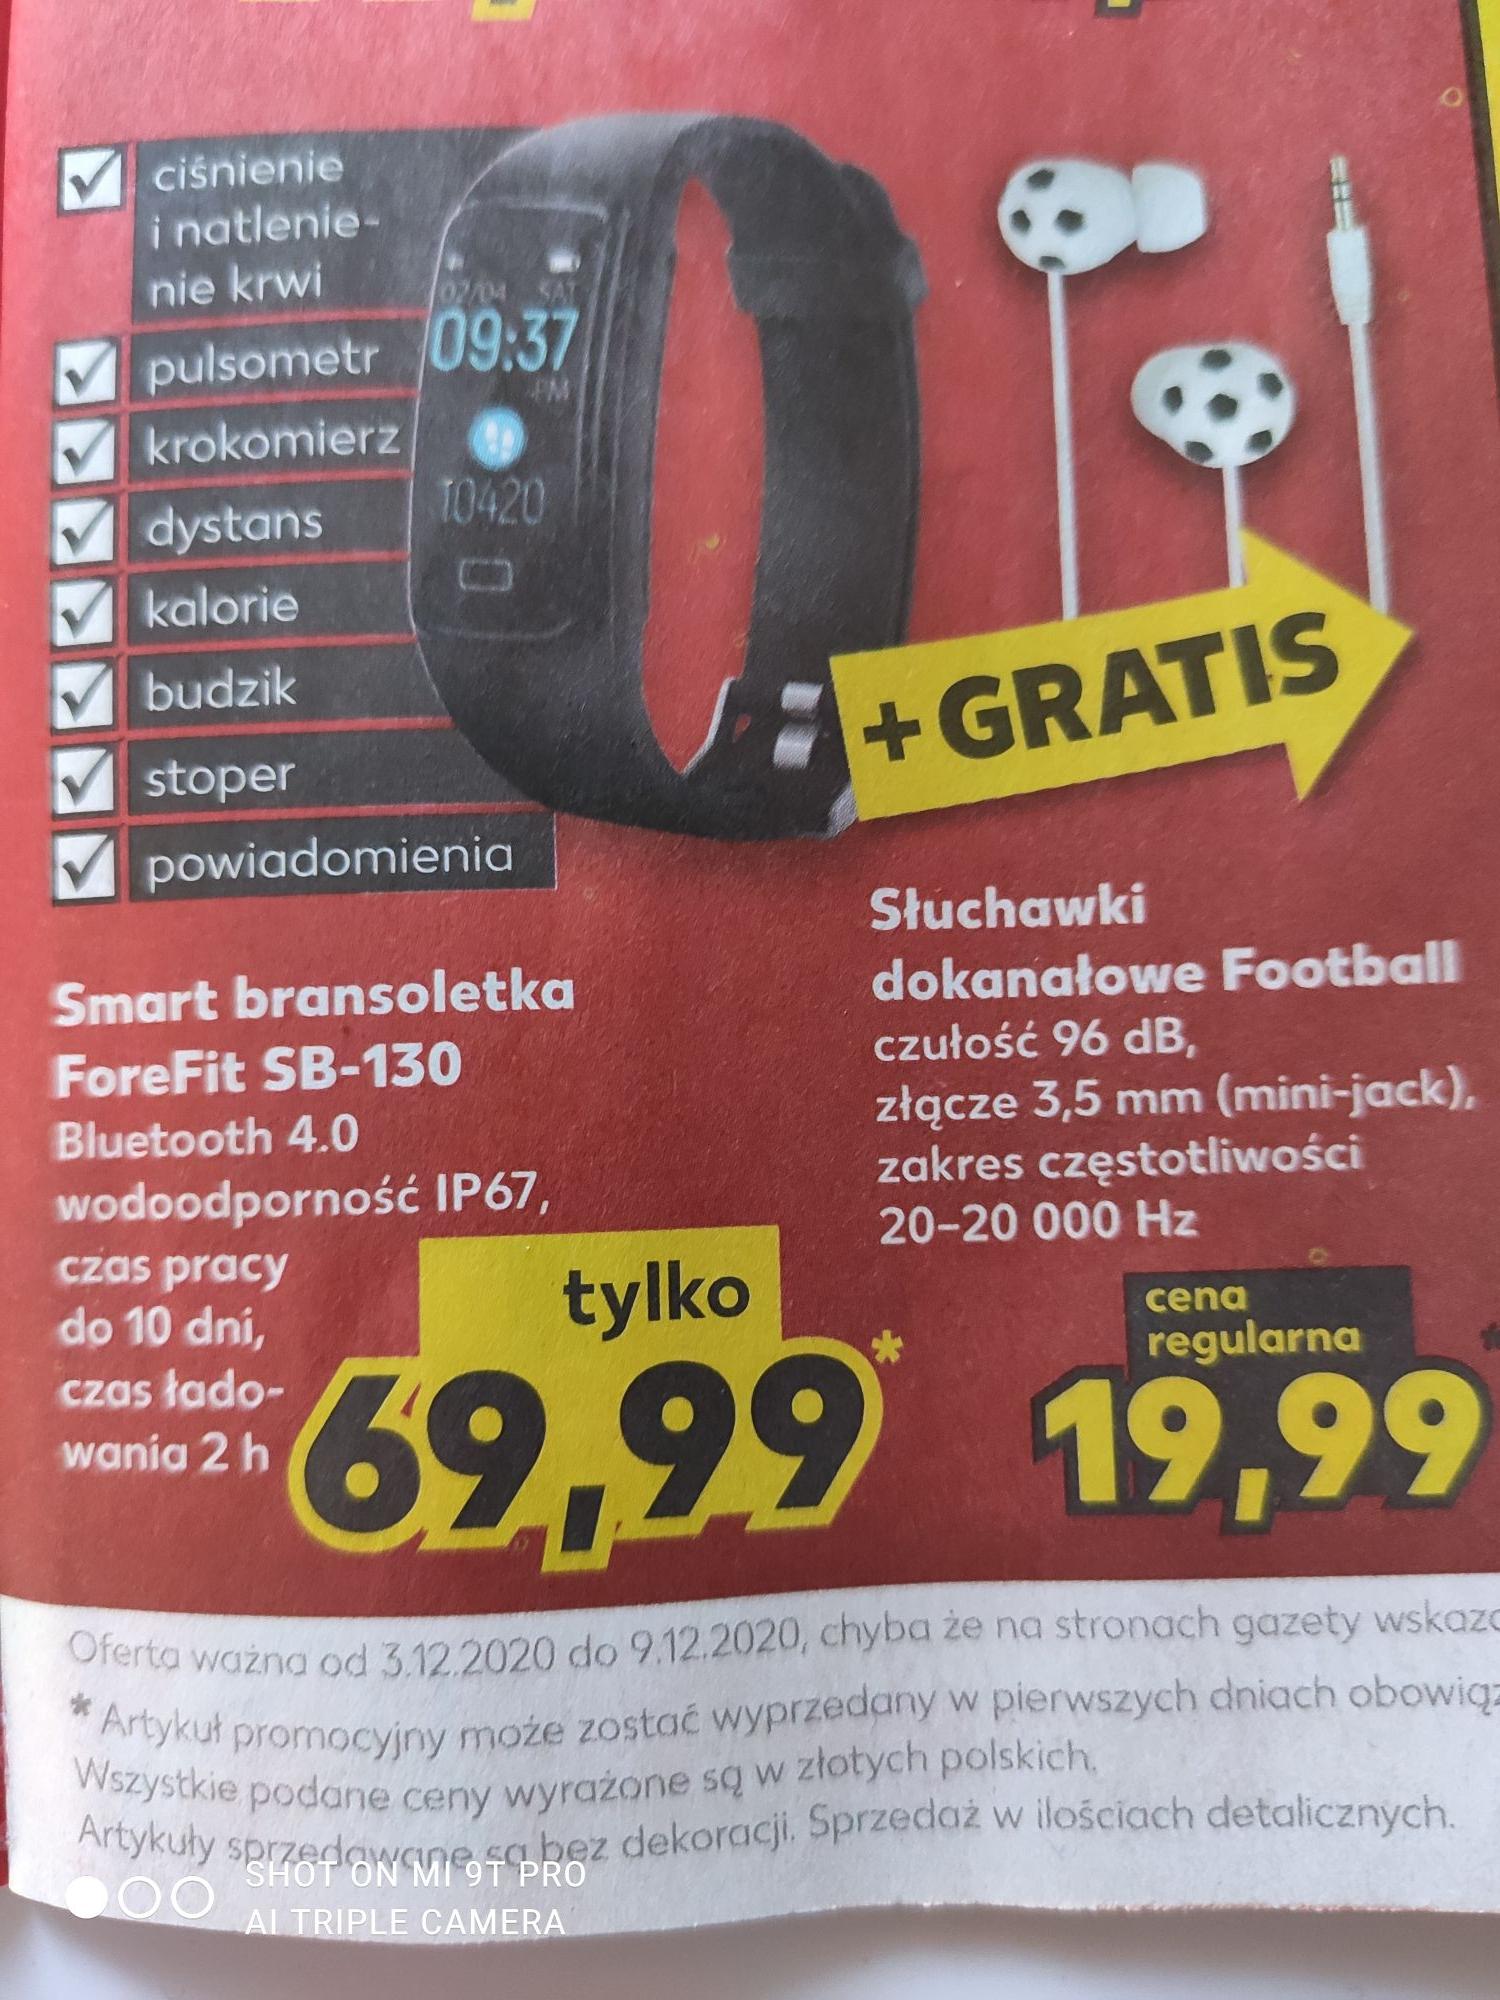 Smart bransoletka ForeFit SB-130 + Gratis KAUFLAND